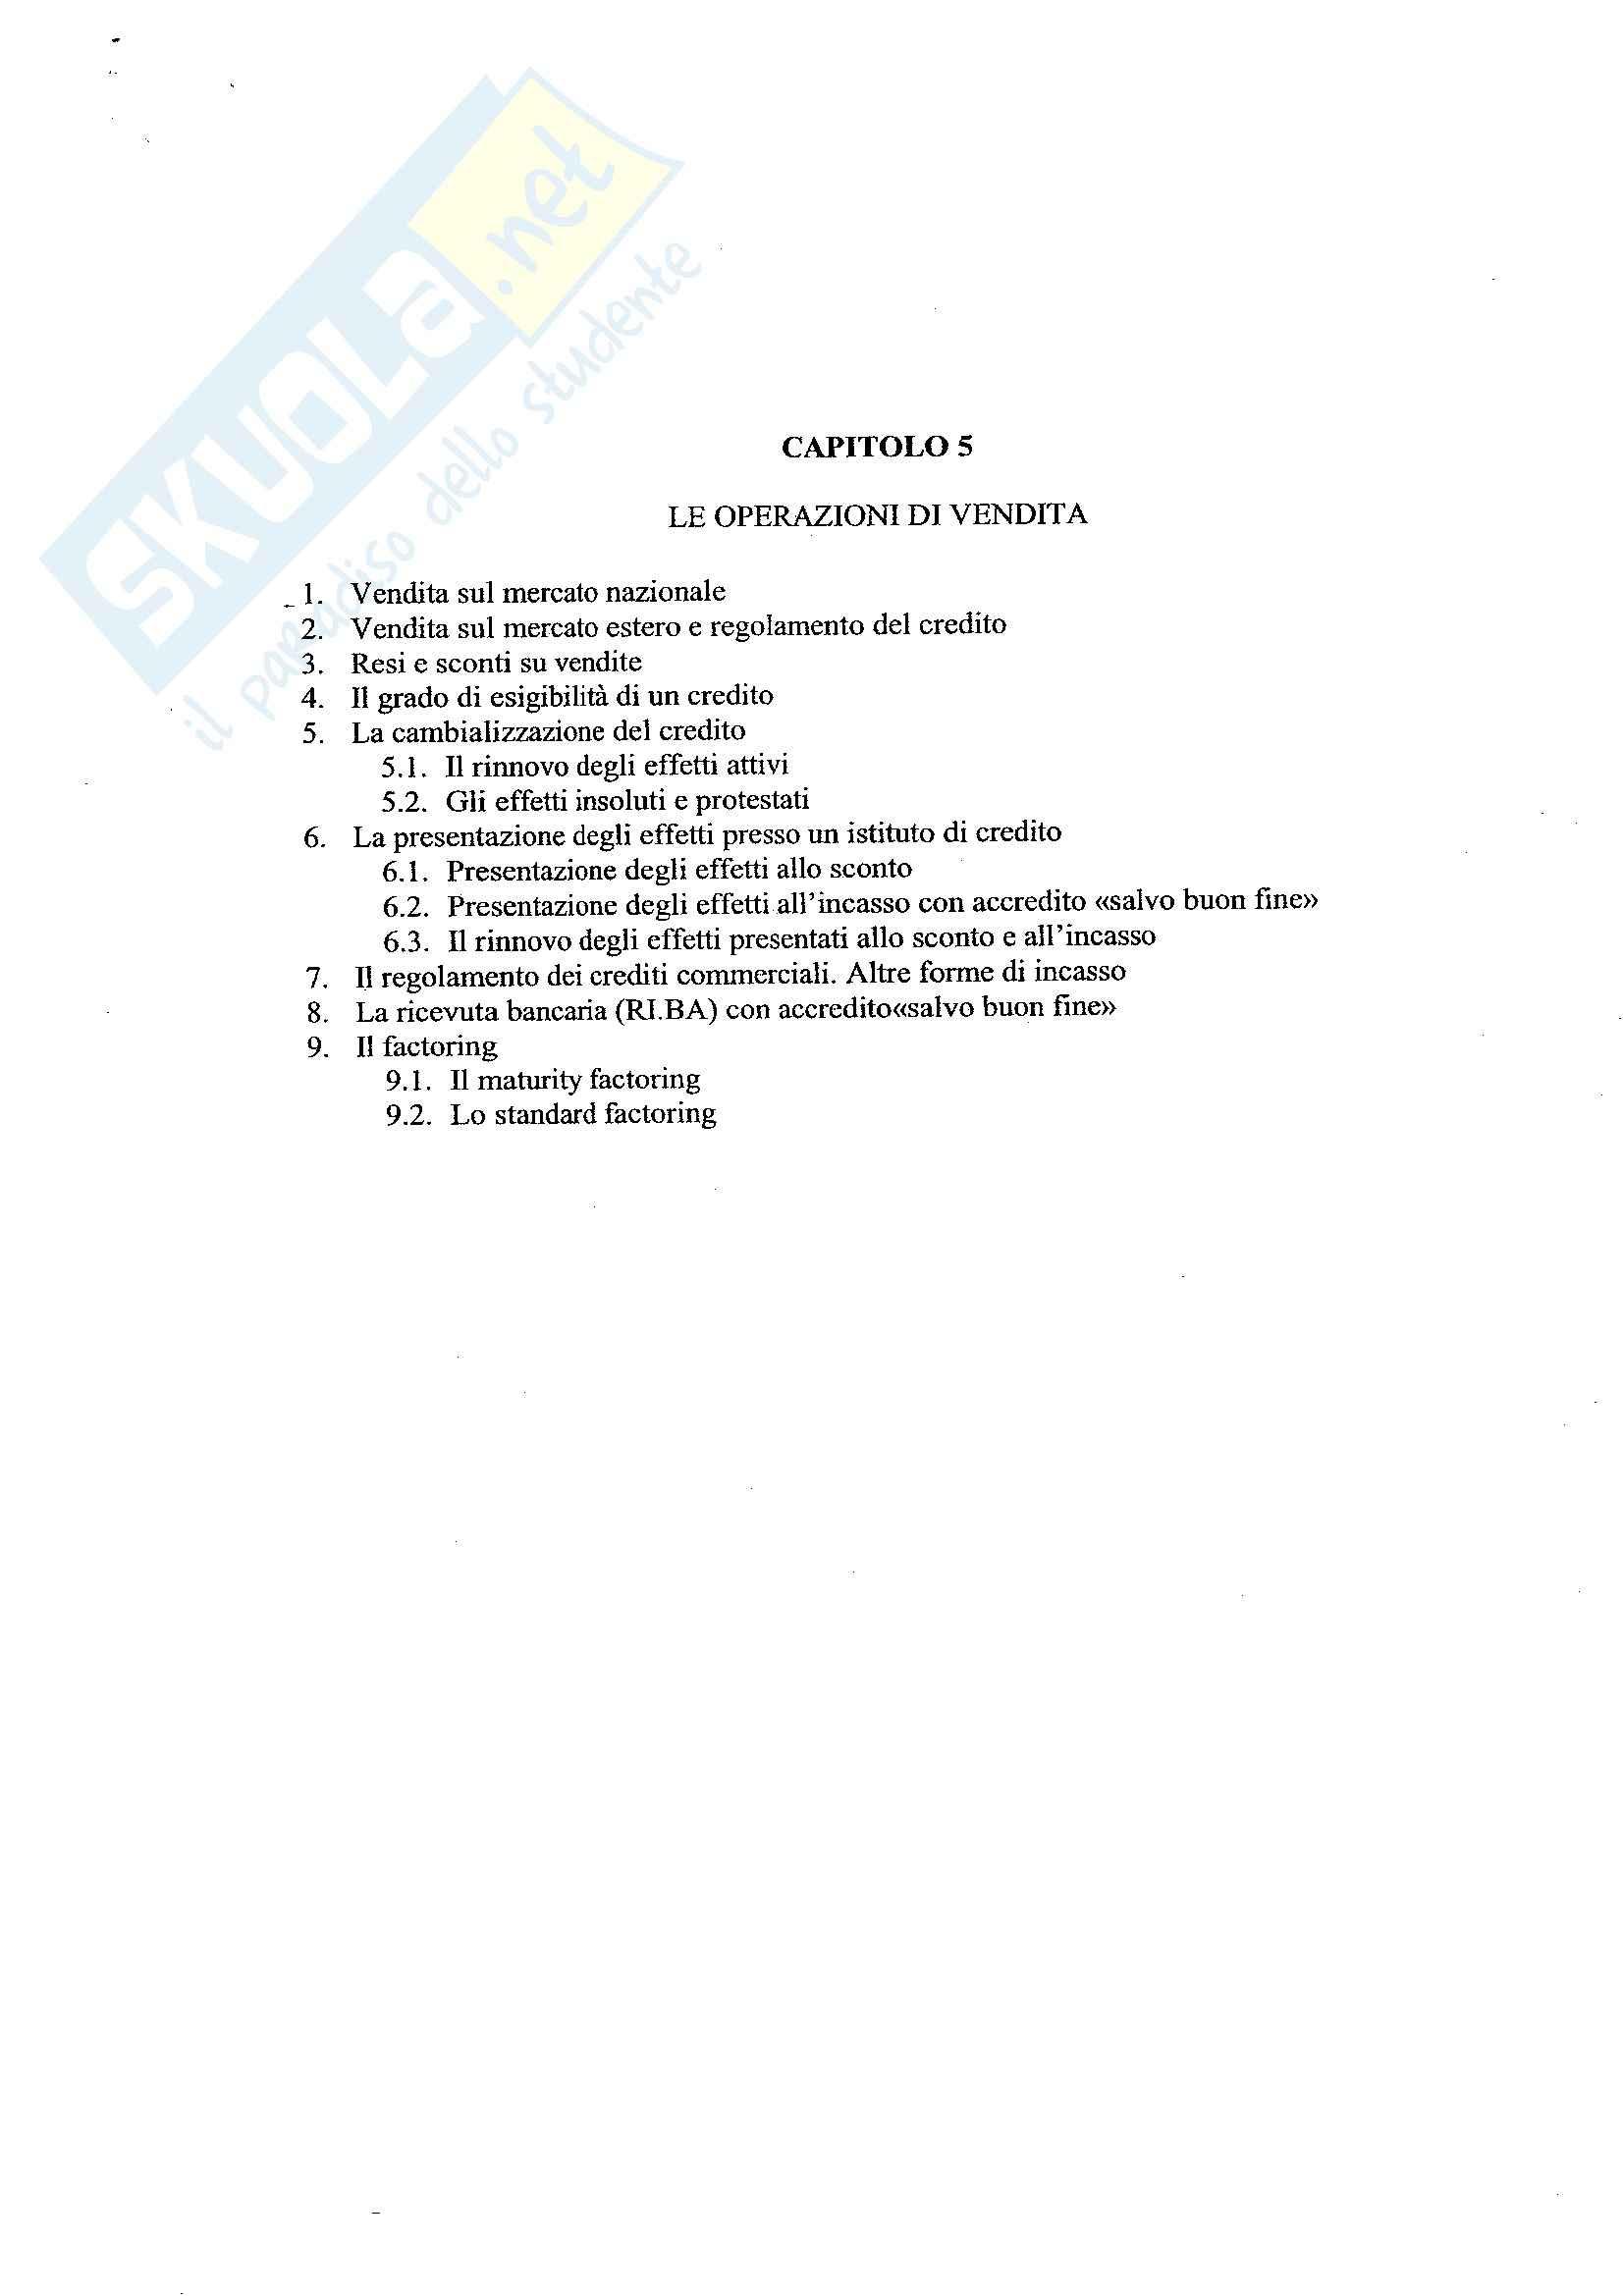 Economia aziendale II - Contabilità cap. 5 - Appunti